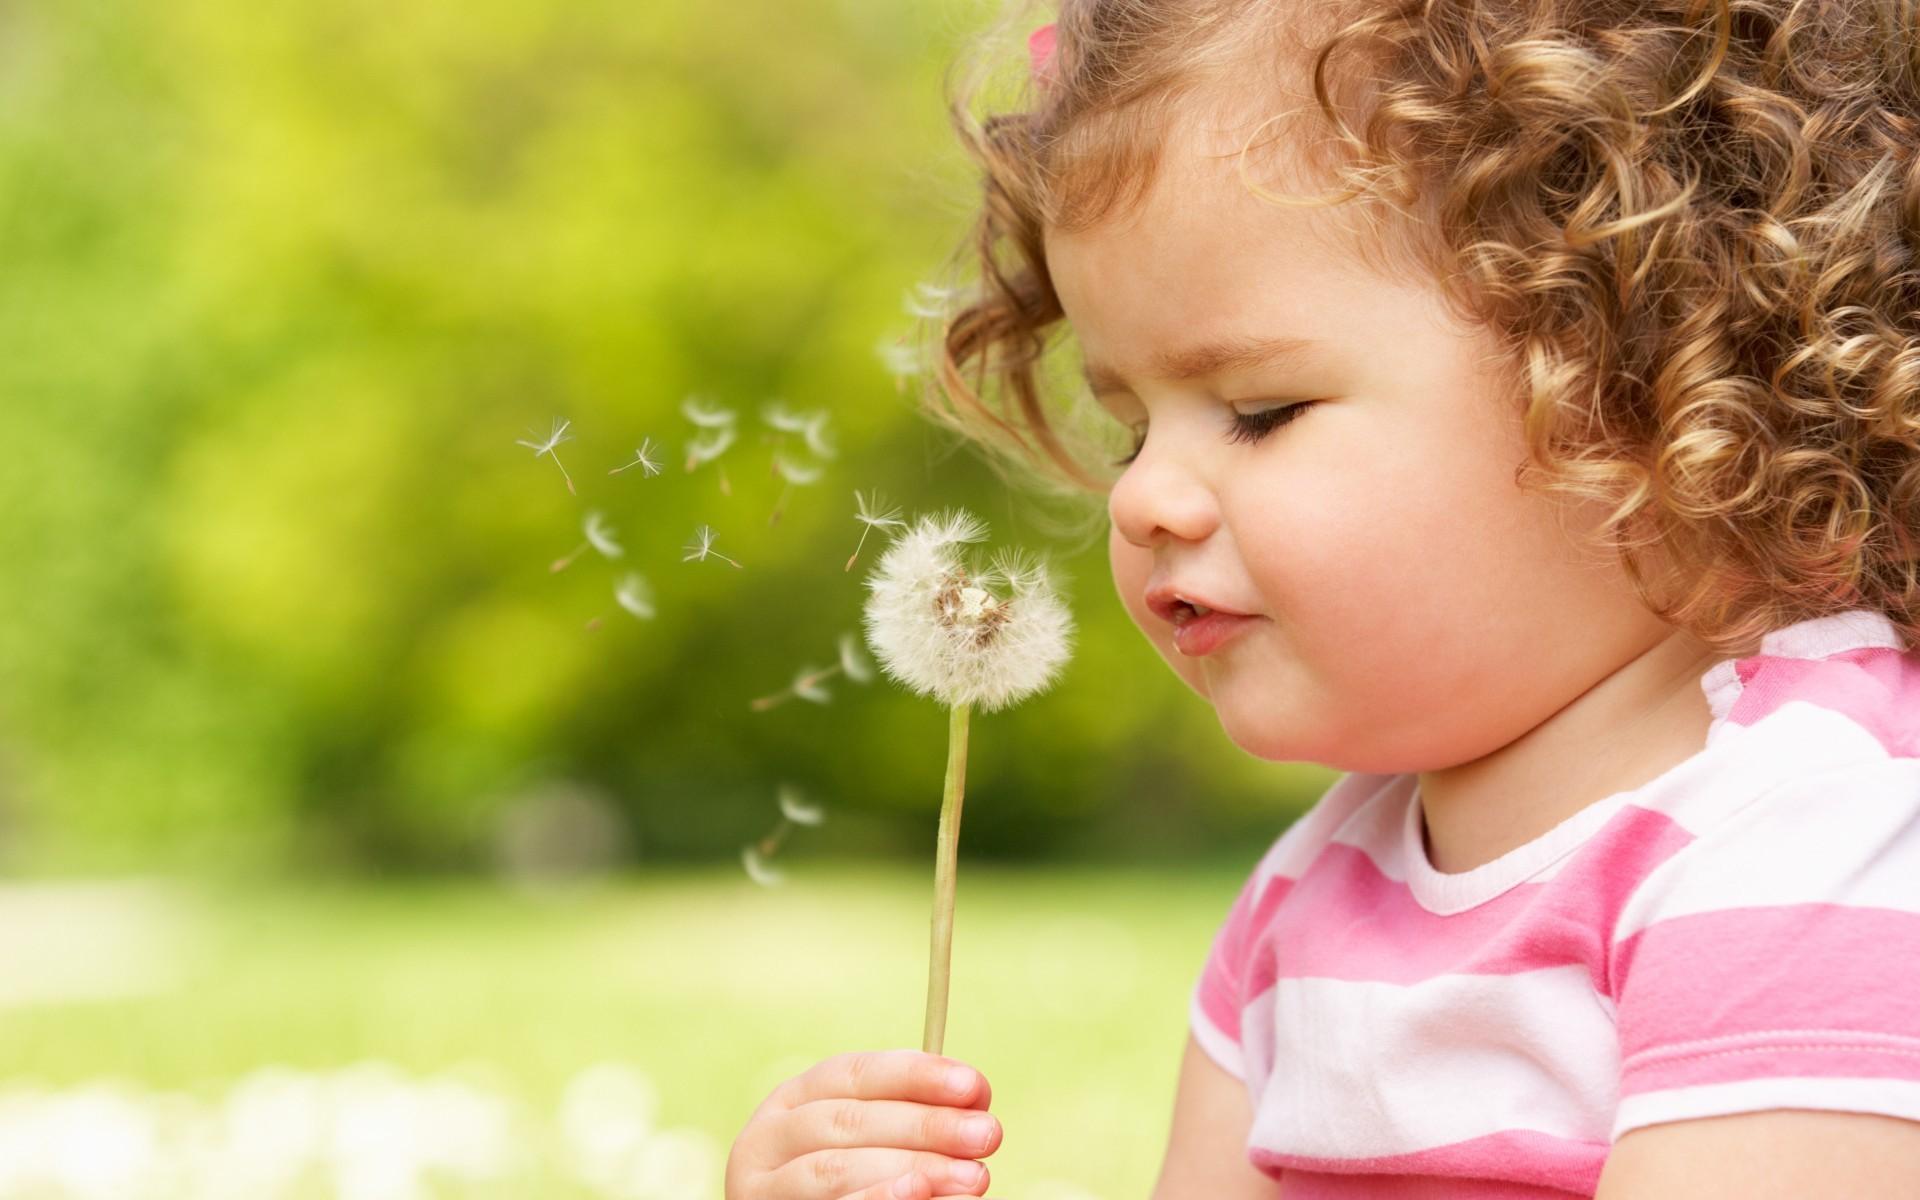 Hình ảnh em bé mũm mỉm thổi hoa bồ công anh đẹp